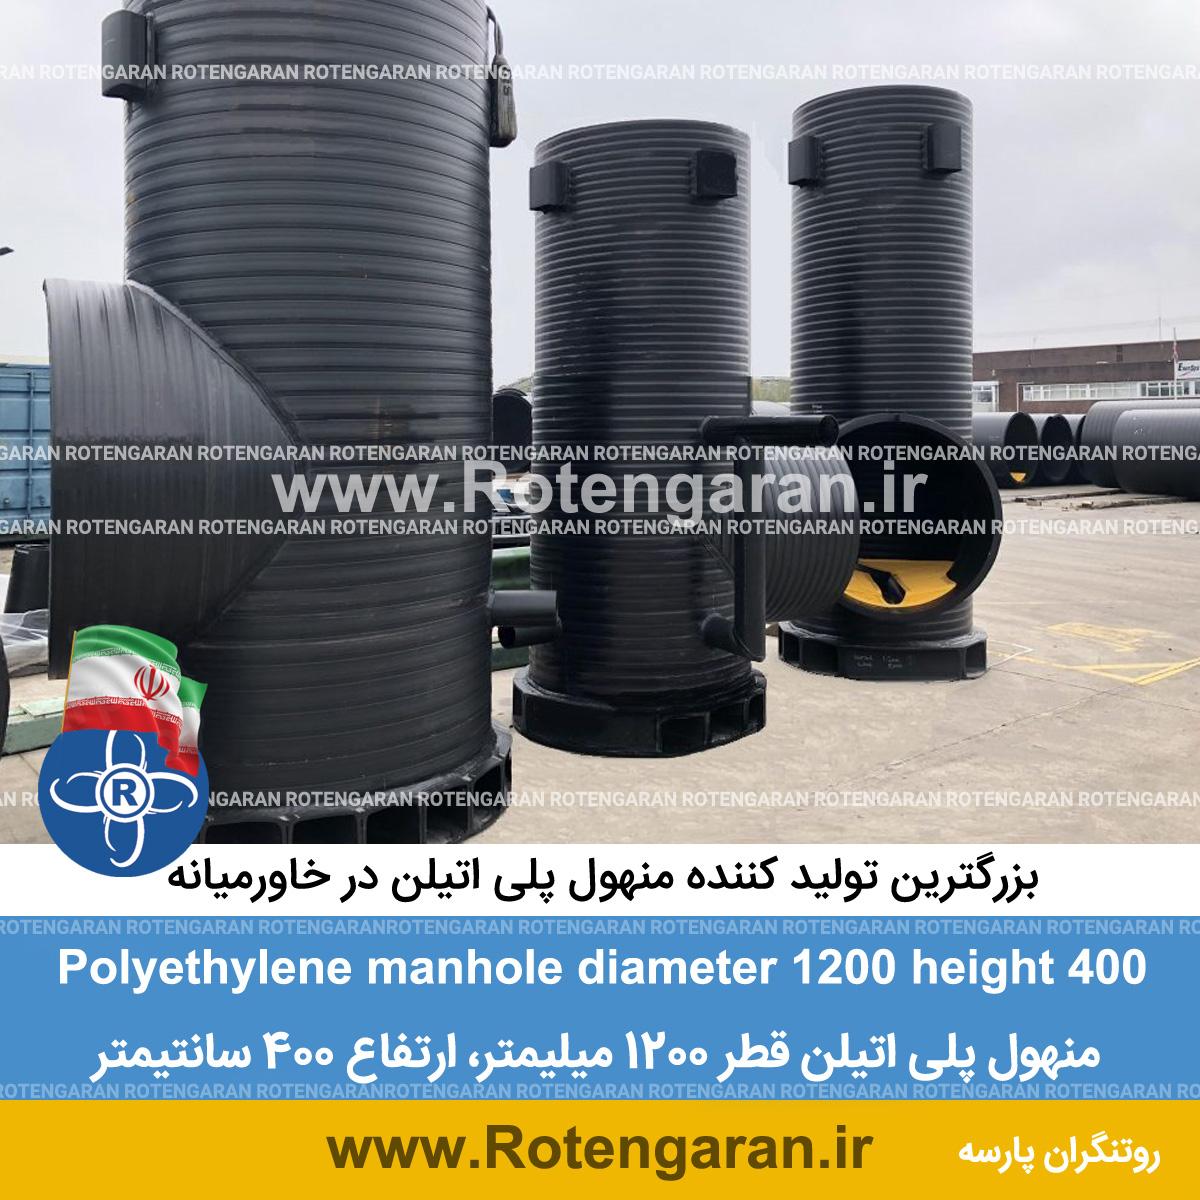 منهول پلی اتیلن قطر 1200 ارتفاع 400 سانتیمتر